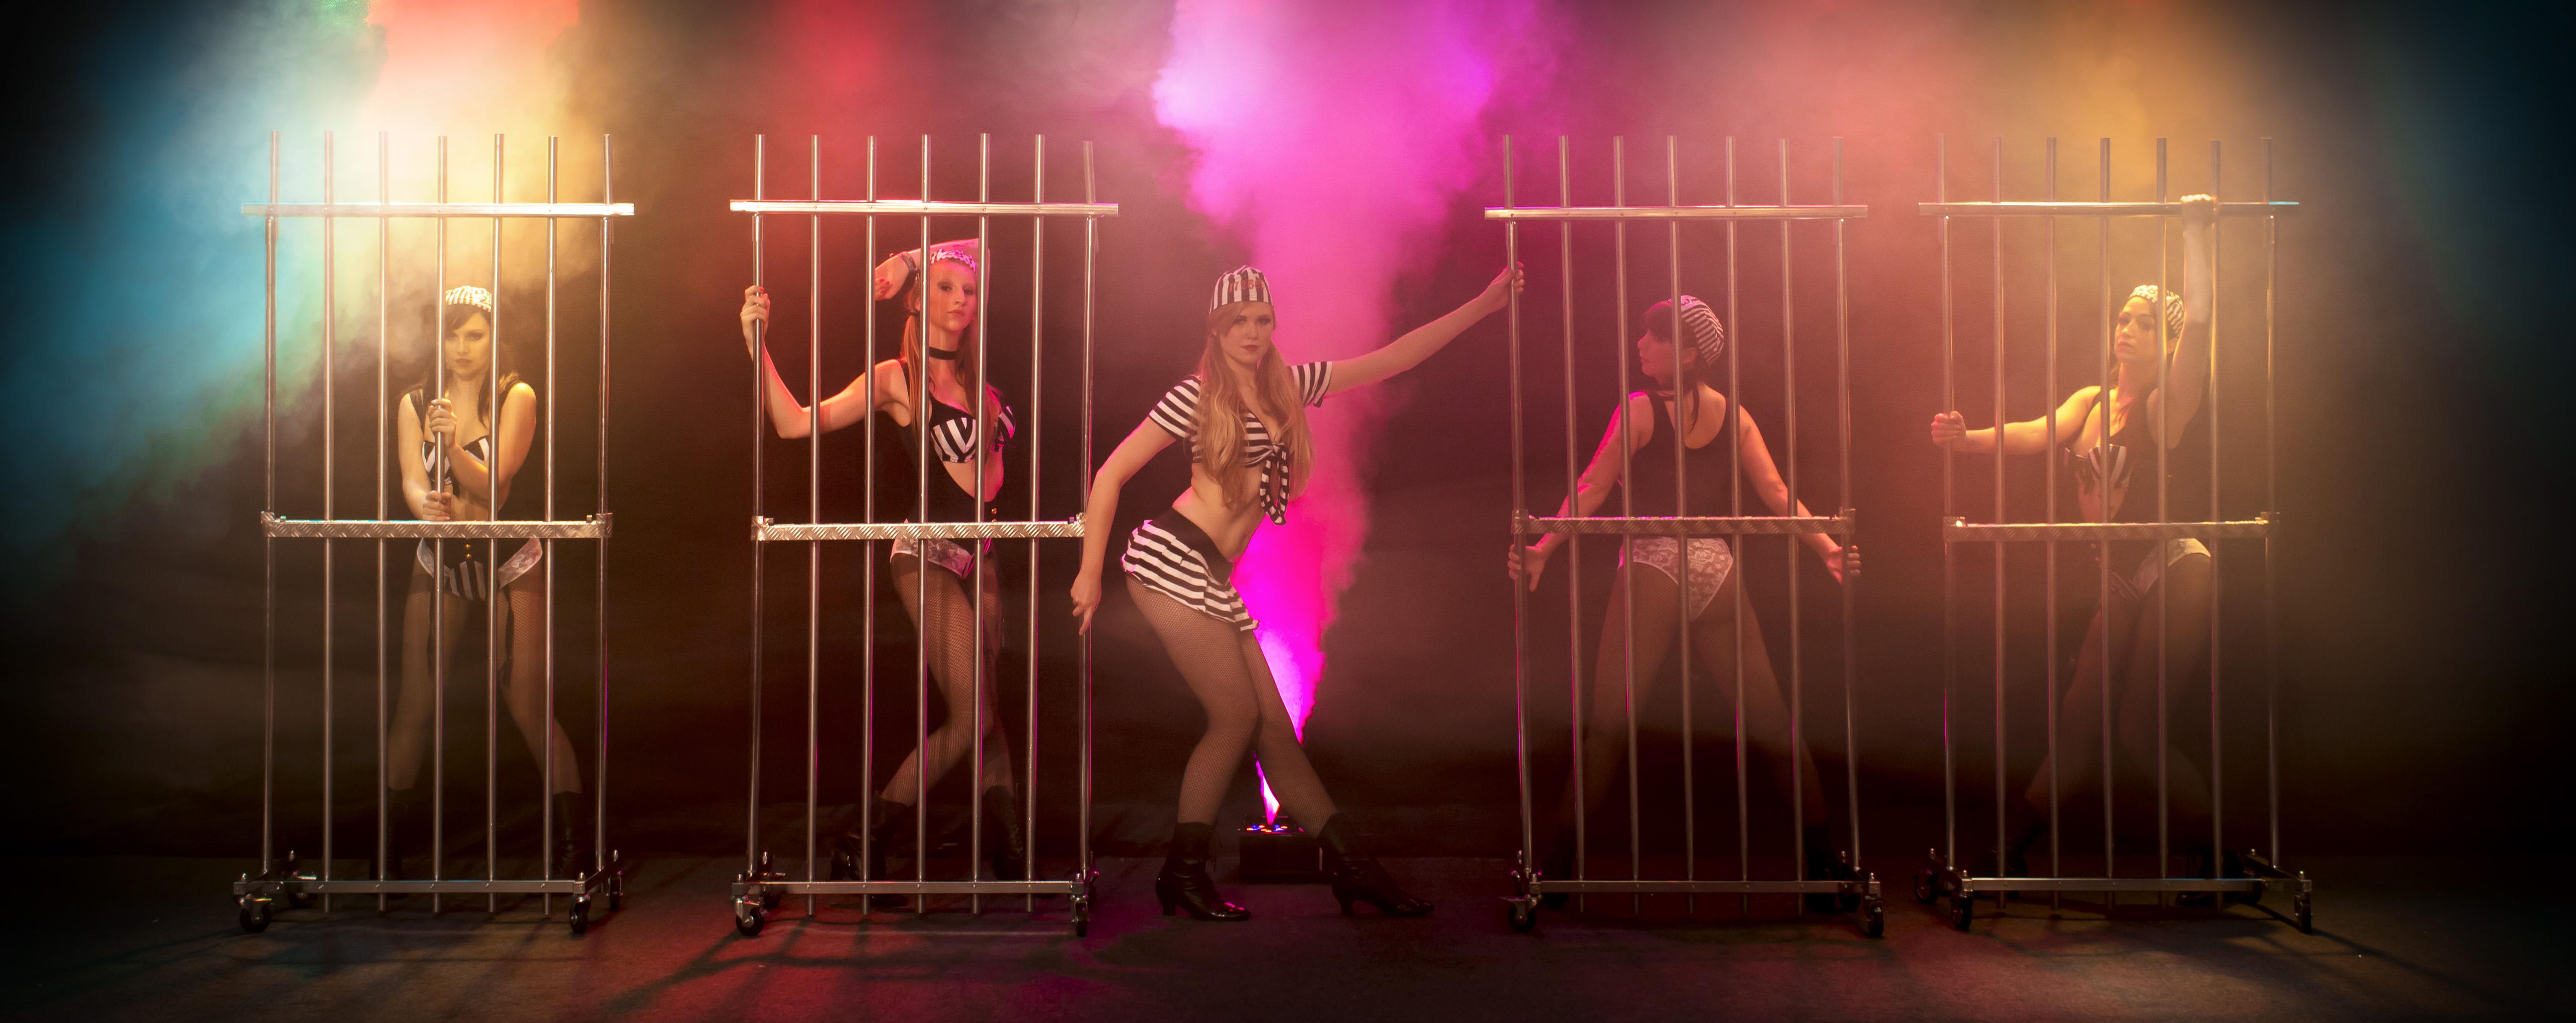 Les prisonnie¦Çres 04.jpg